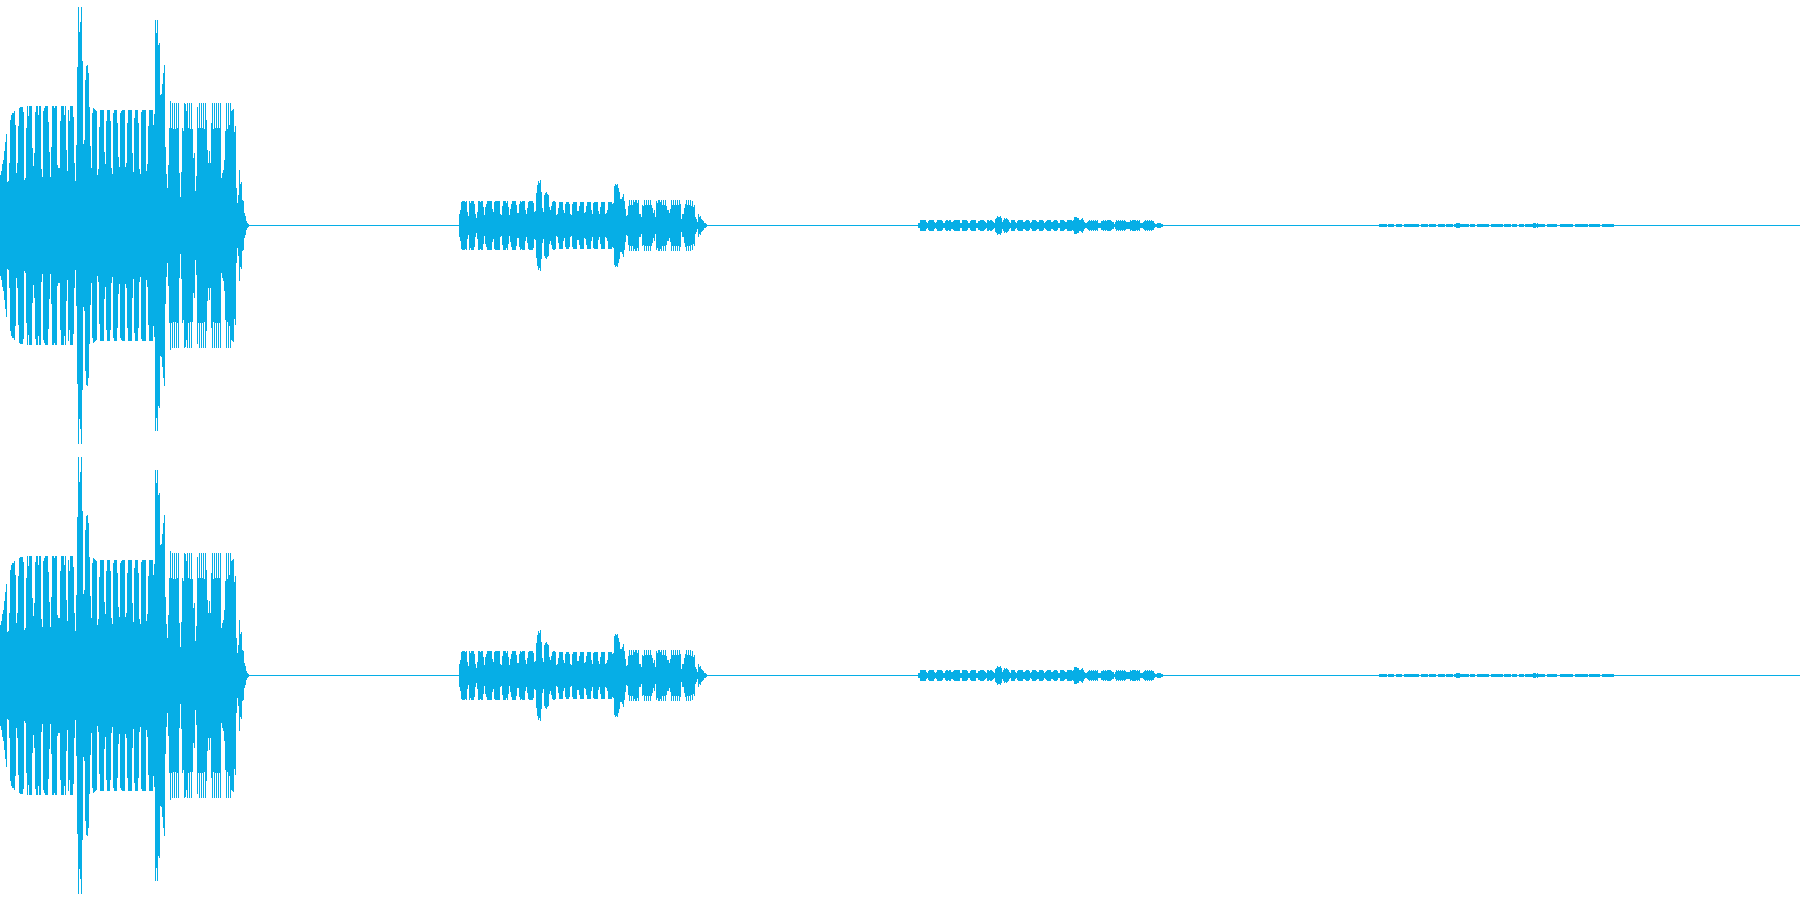 ゲーム選択、決定、キャンセル音 ビロン の再生済みの波形